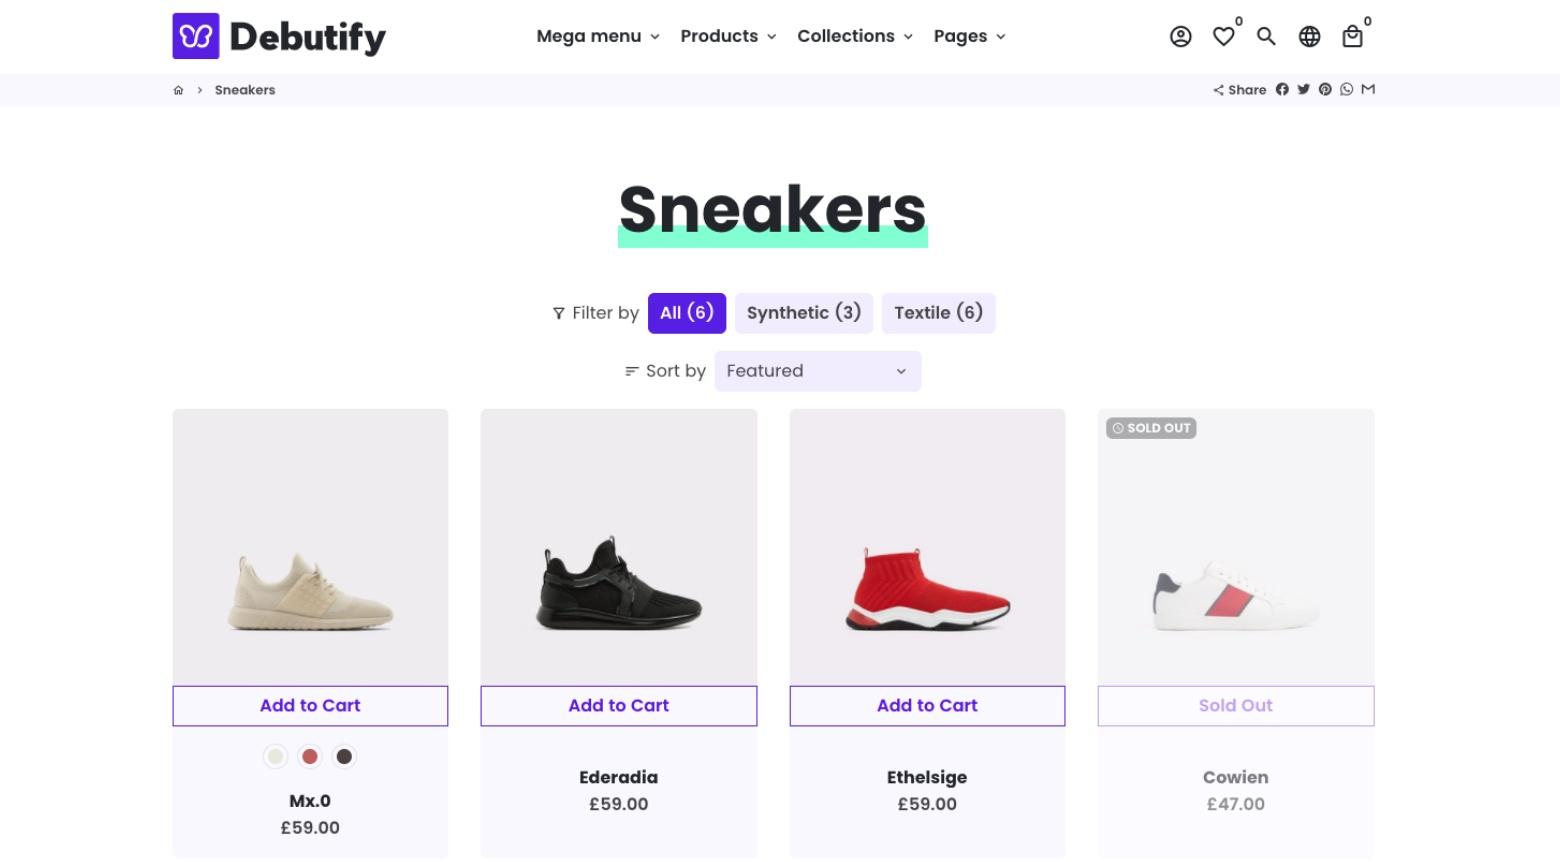 debutify shopify theme screenshot